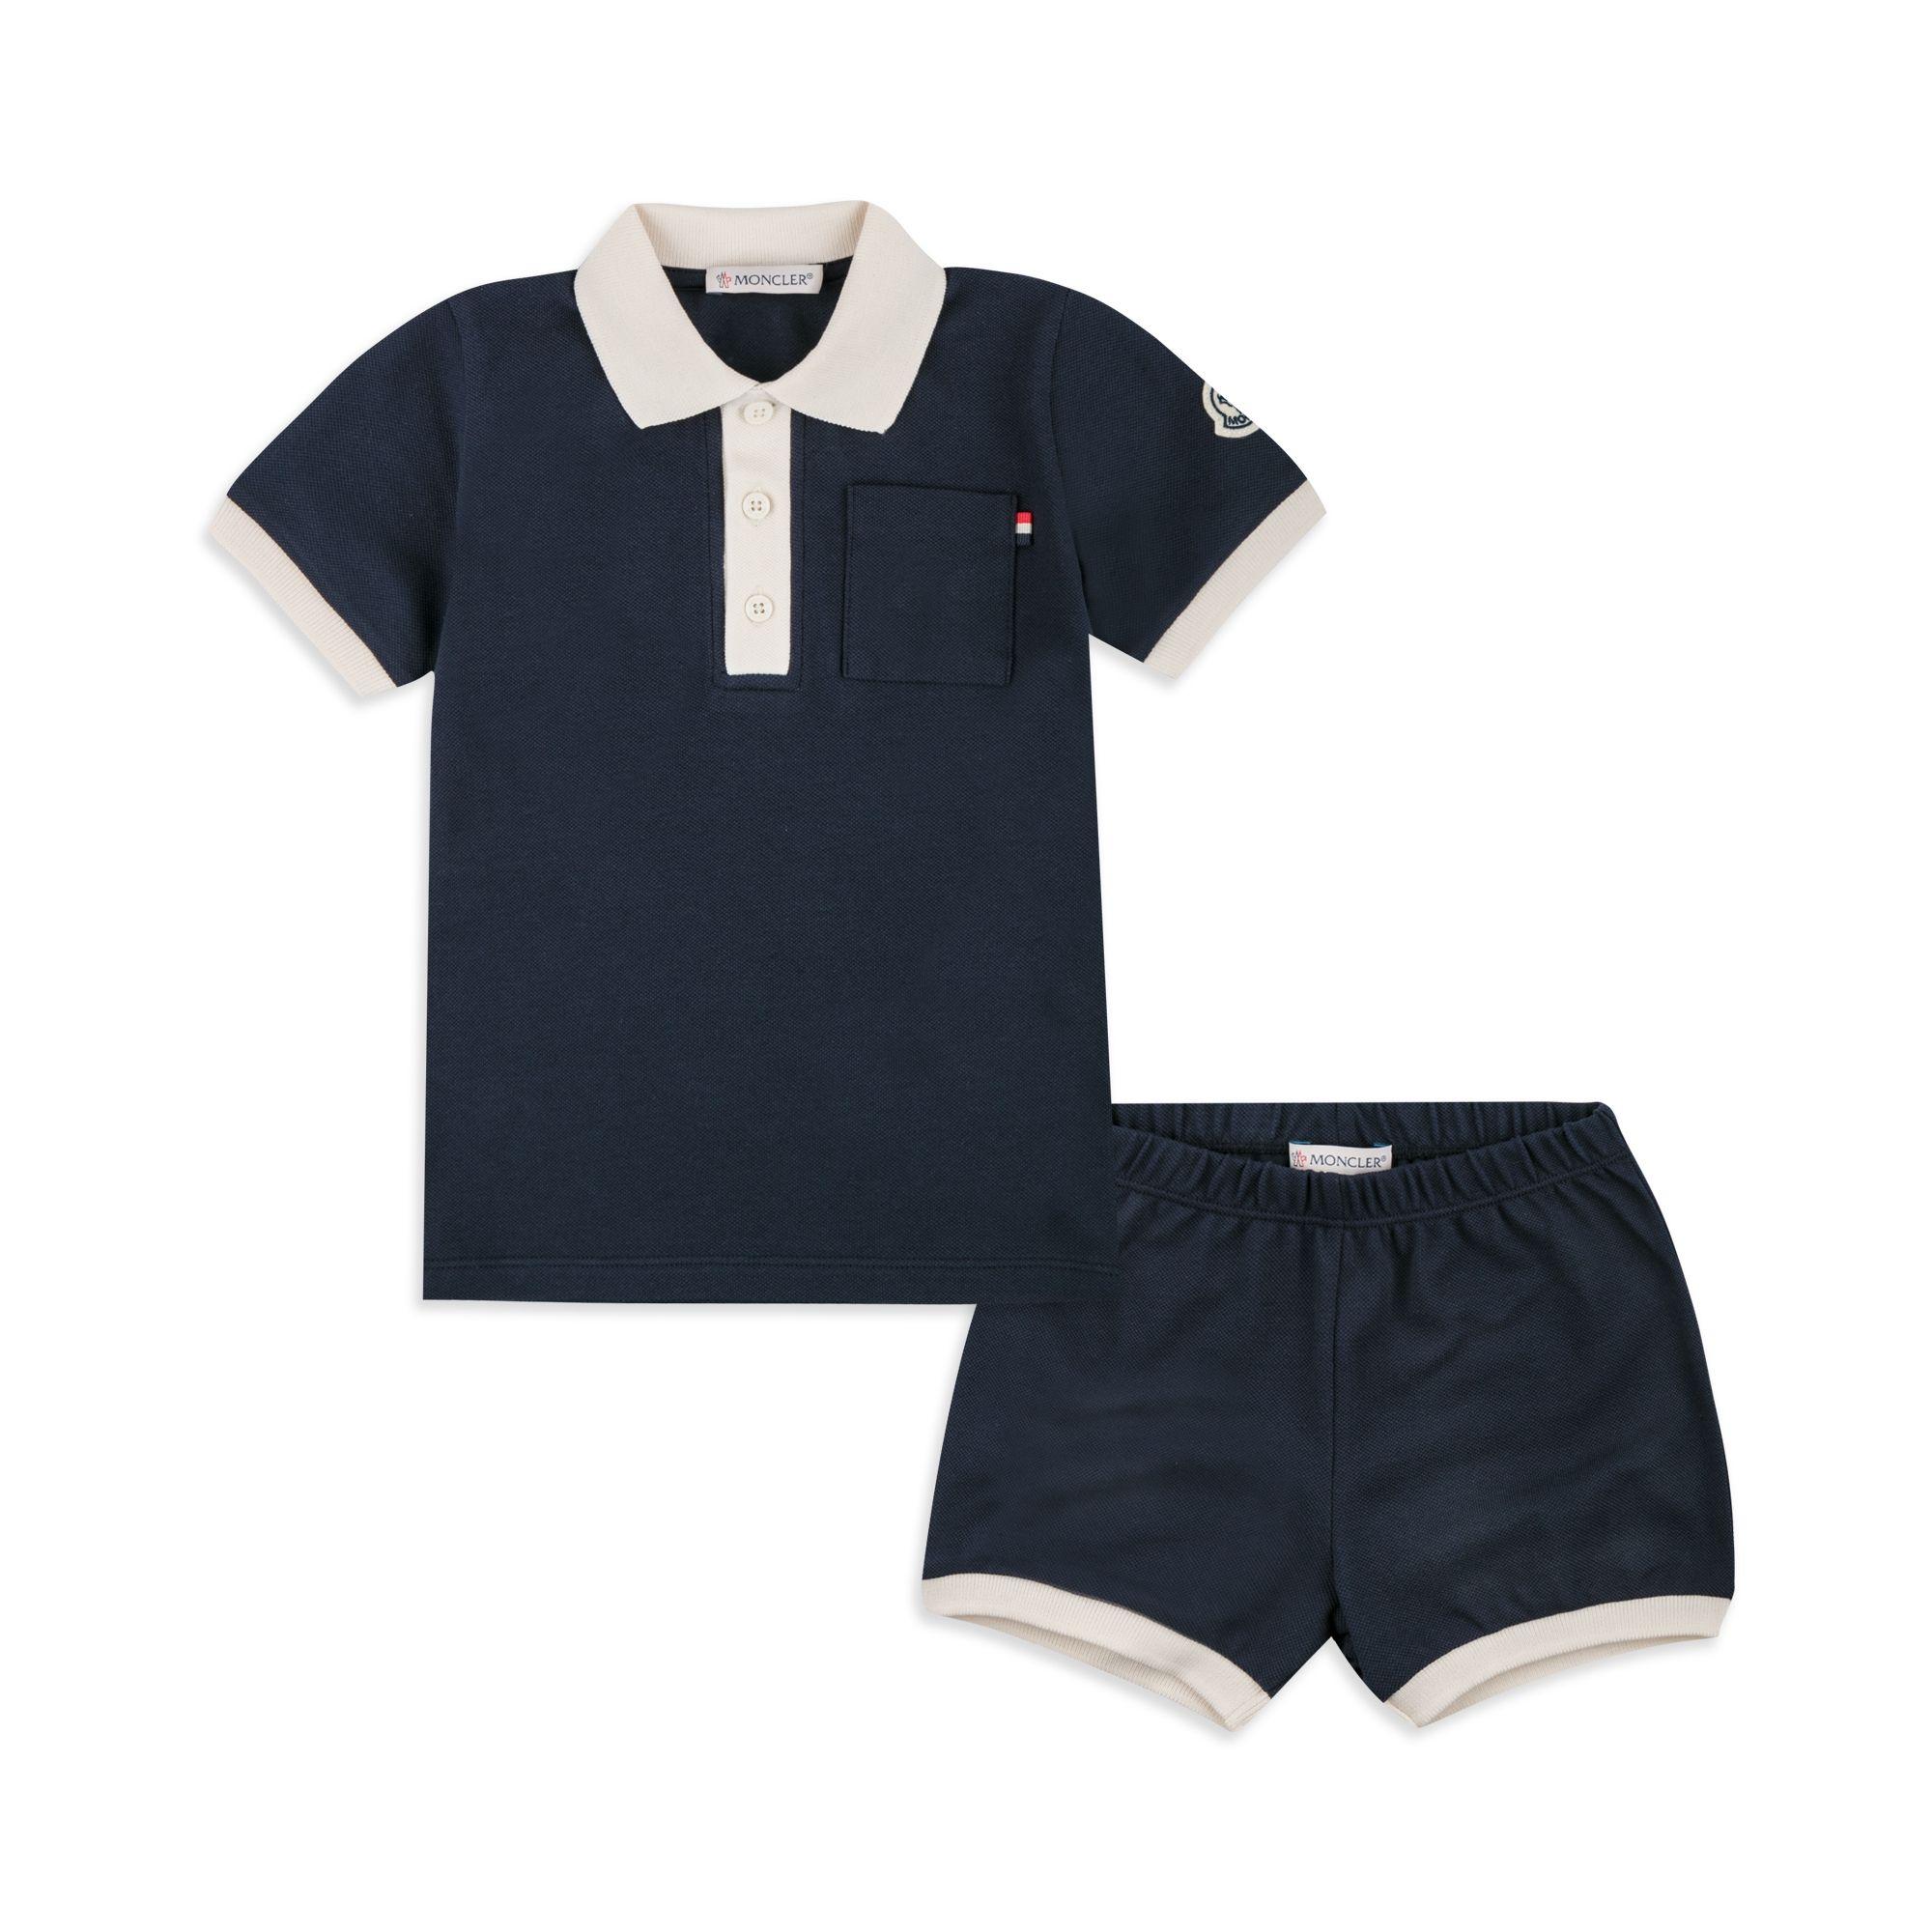 7241773d8 MONCLER Baby Boys Contrast Collar Polo Outfit Set - Navy Baby boys ...